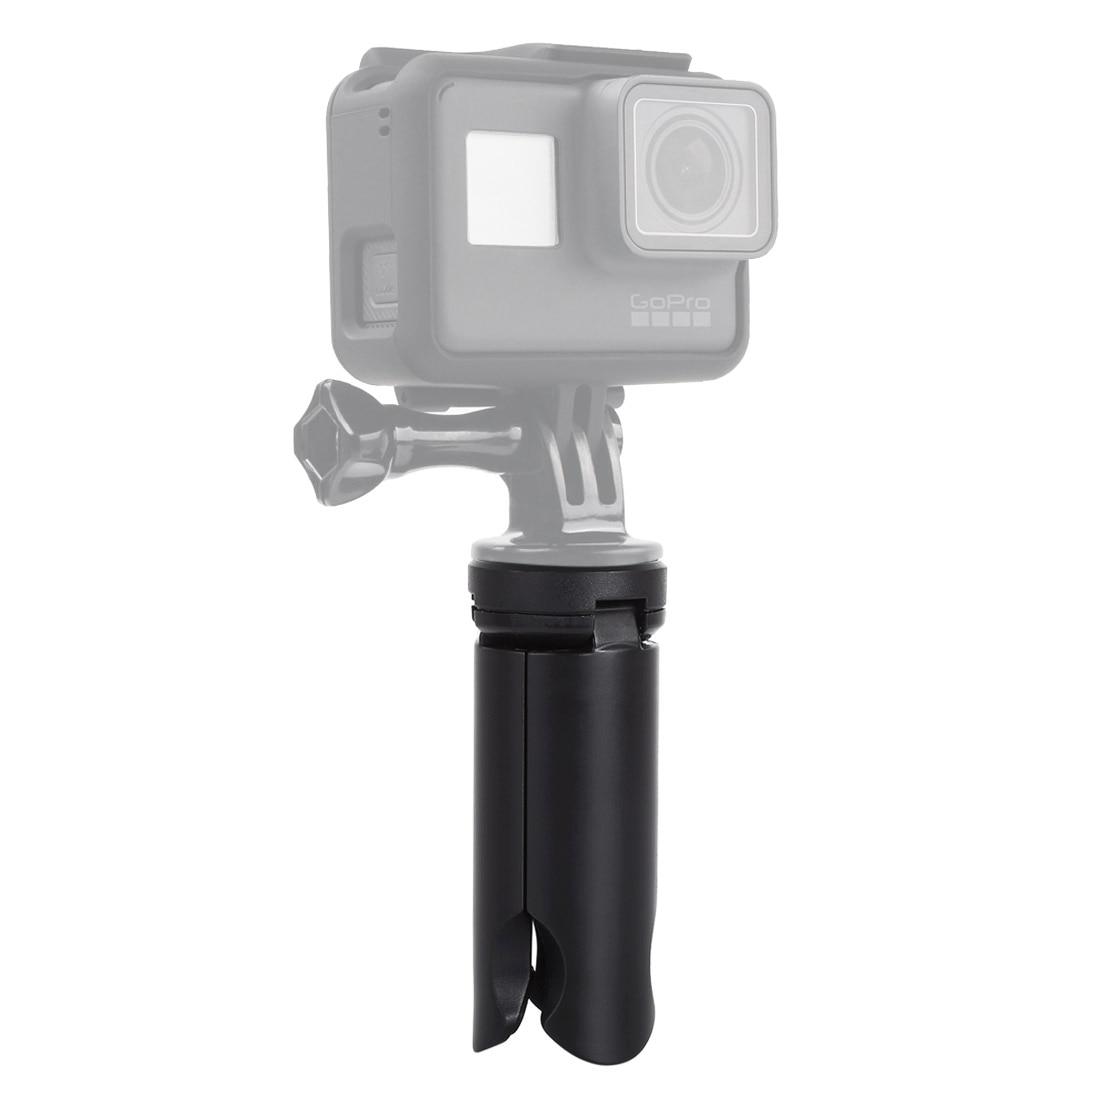 Портативный универсальный мини-штатив 1/4 ''для смартфона, Экшн-камера, держатель монопод для iPhone/Samsumg/Xiaomi для Gopro6/DJI